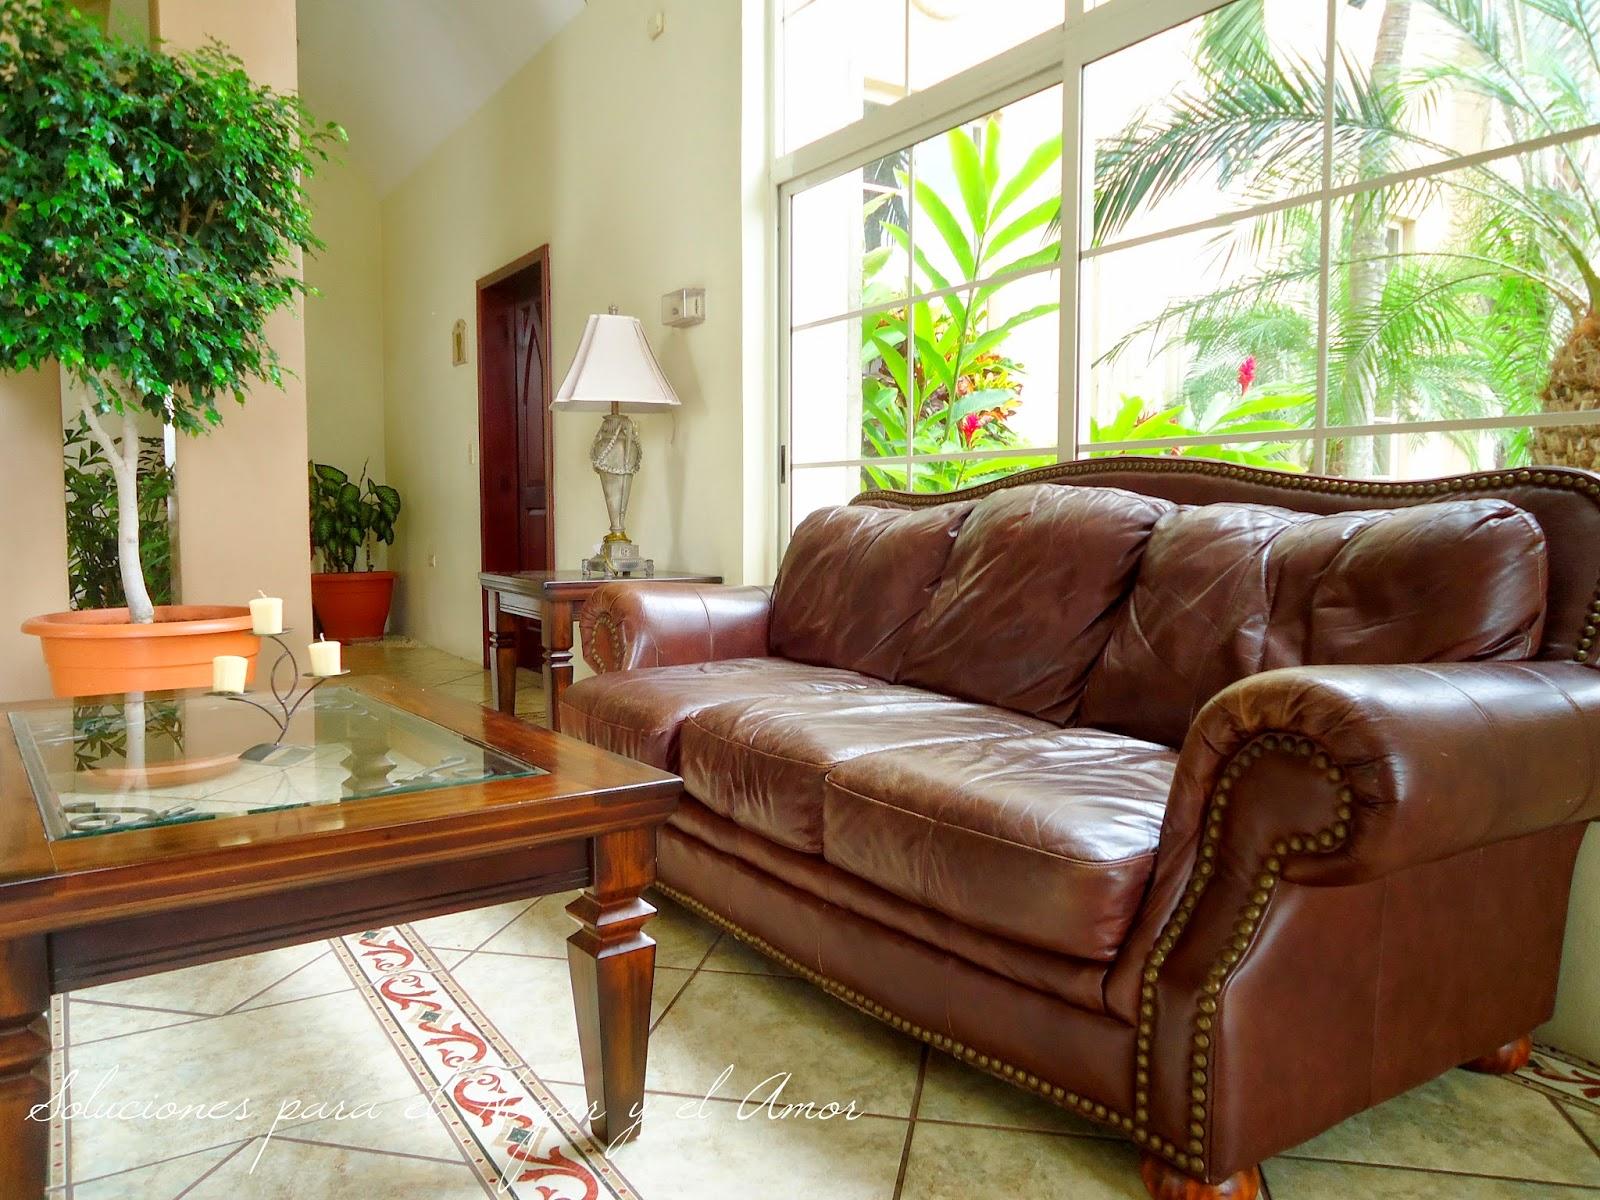 sofá de cuero, mesa de madera con tope de vidrio, plantas, sala